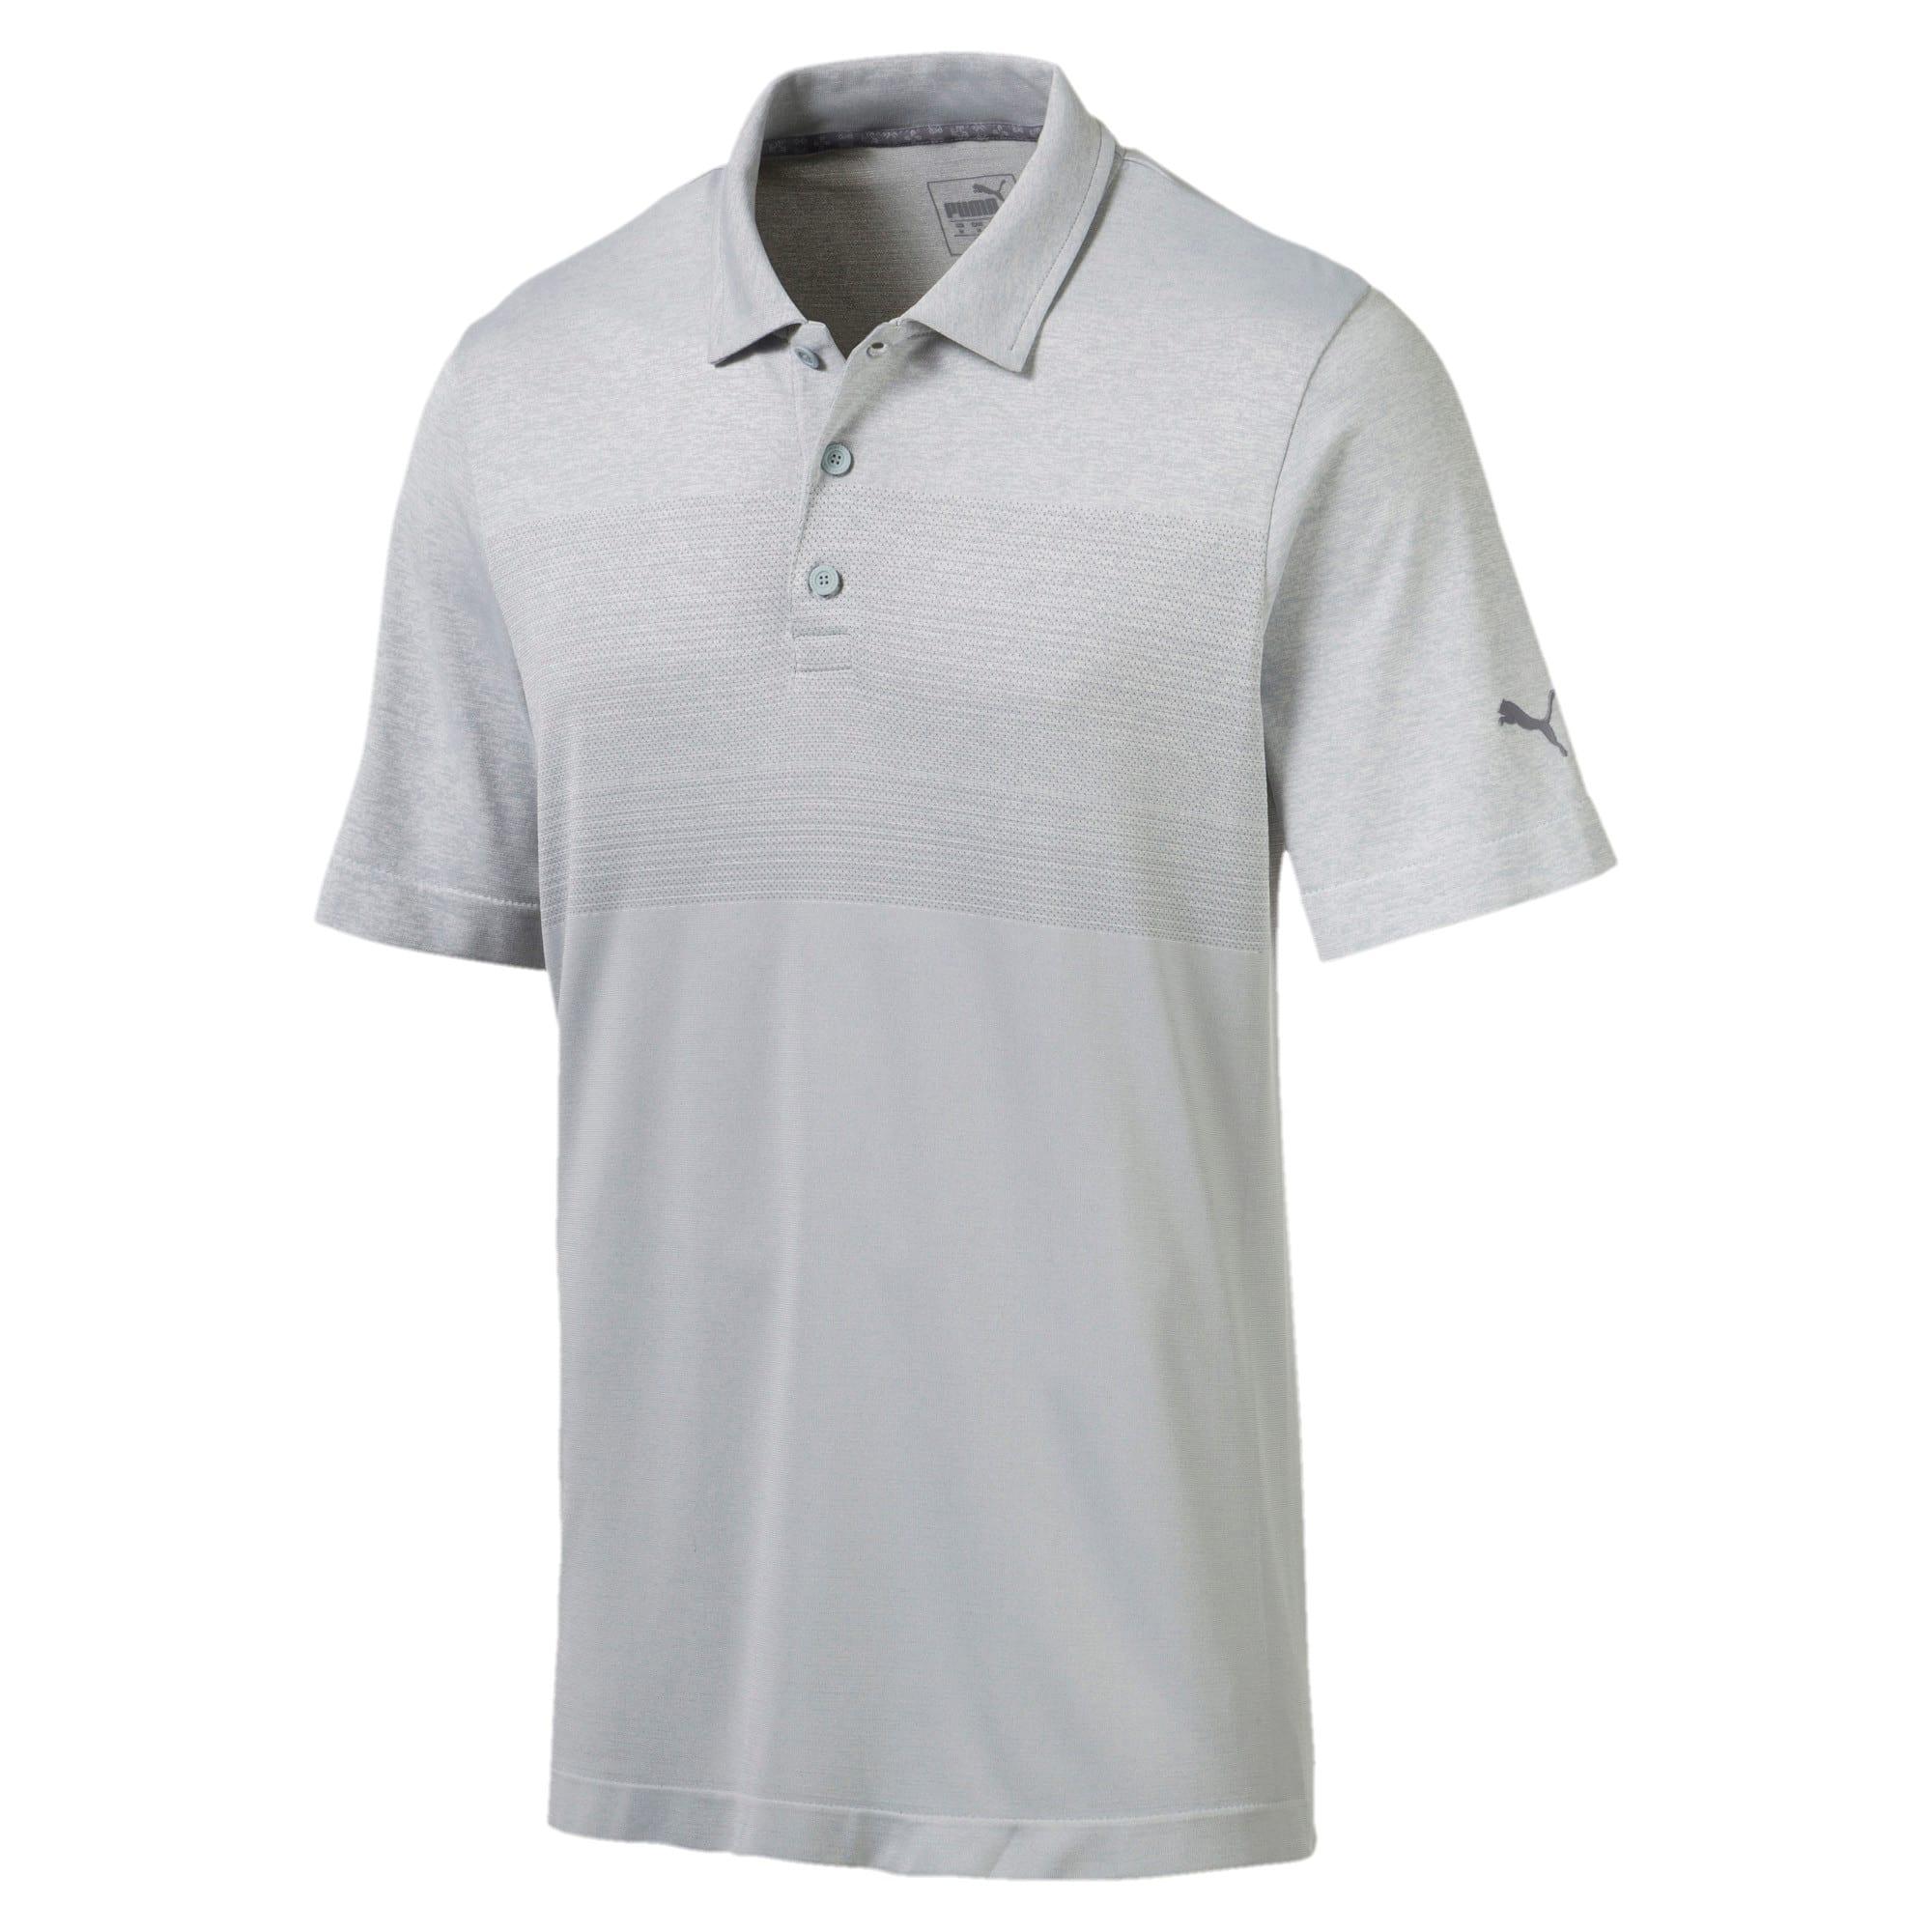 Miniatura 1 de Camiseta tipo polo evoKNIT Ombre para hombre, Quarry, mediano